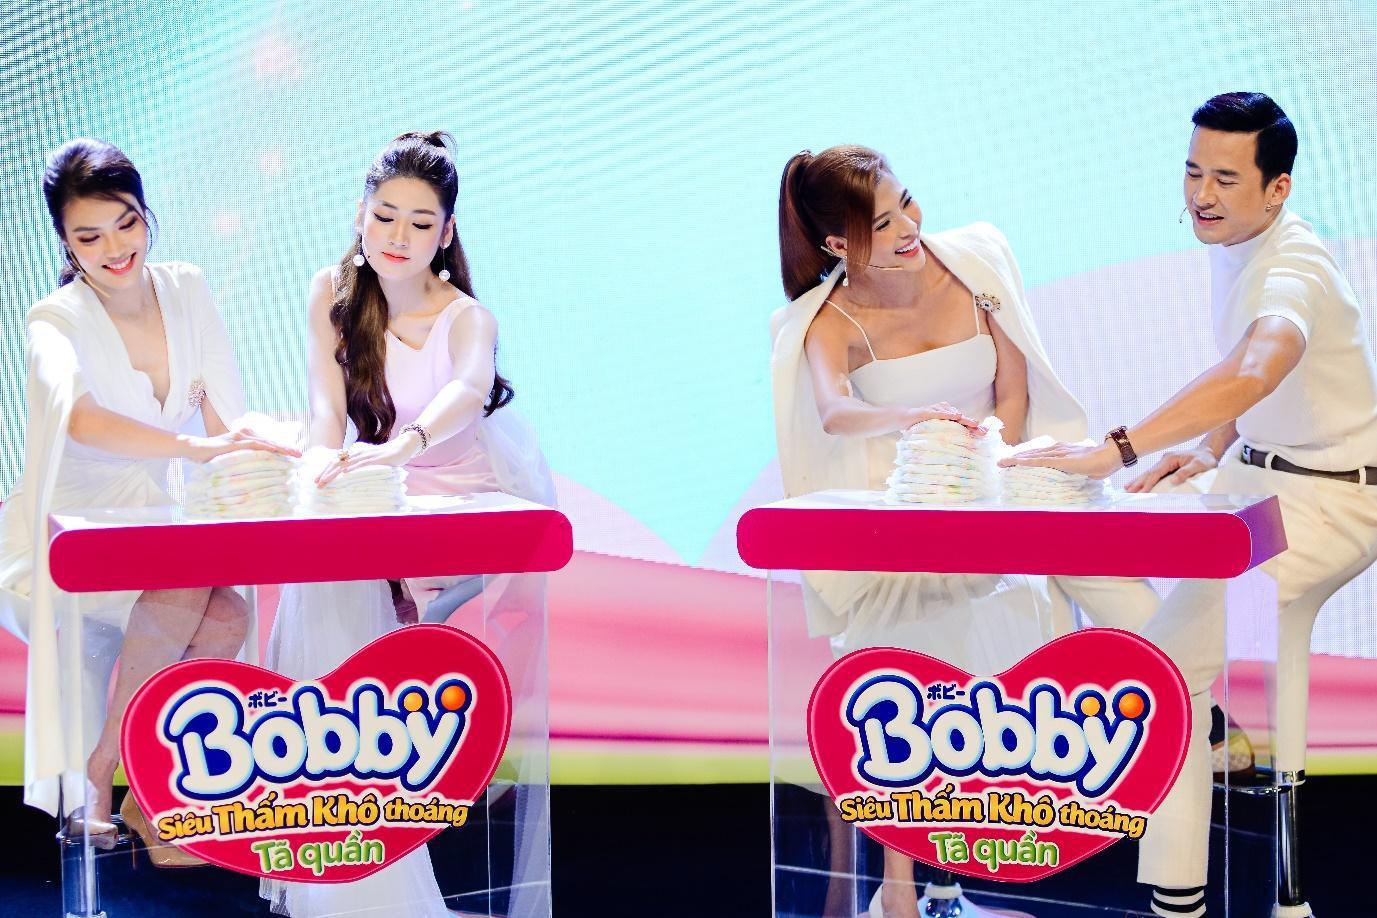 """Điều gì khiến dàn khách mời siêu mẫu Lan Khuê, Á hậu Tú Anh kinh ngạc trong sự kiện """"hạ cánh"""" siêu phẩm từ nhãn hiệu tã nổi tiếng? - Ảnh 4."""